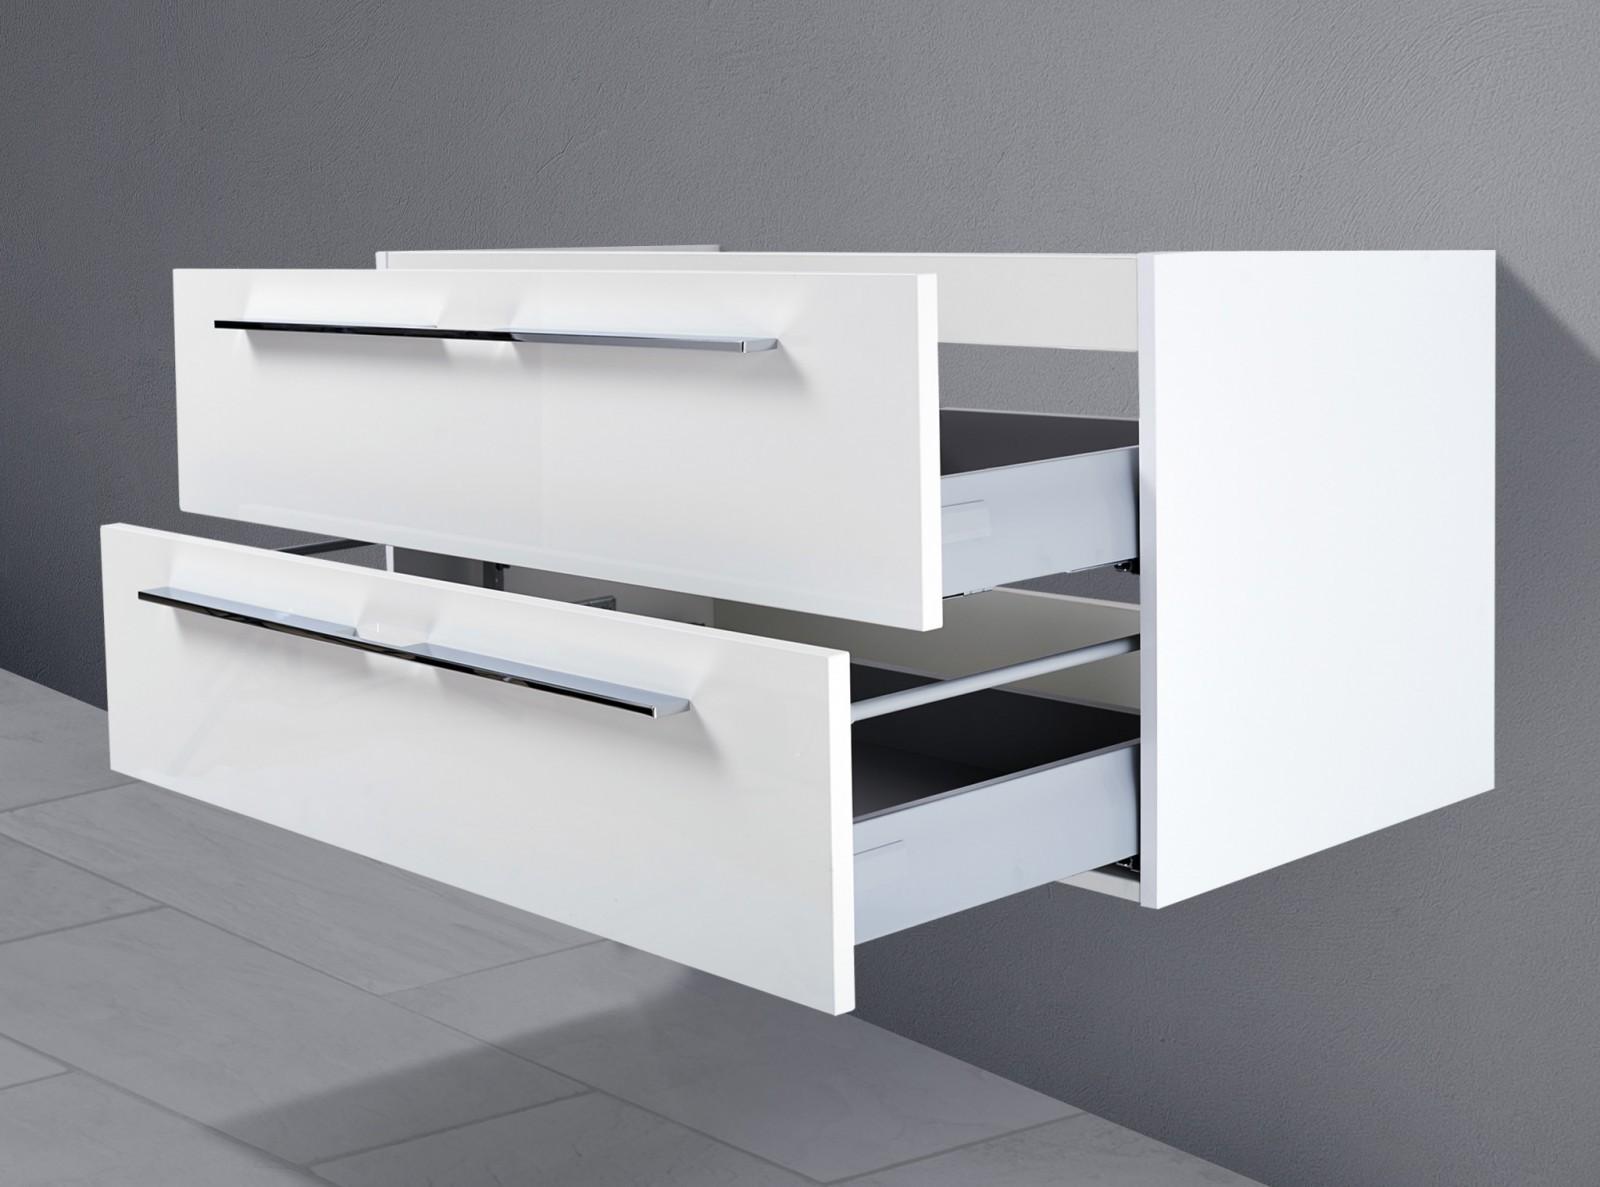 unterschrank zu laufen living 100 cm ablagefl che rechts links waschbeckenunterschrank 5135. Black Bedroom Furniture Sets. Home Design Ideas